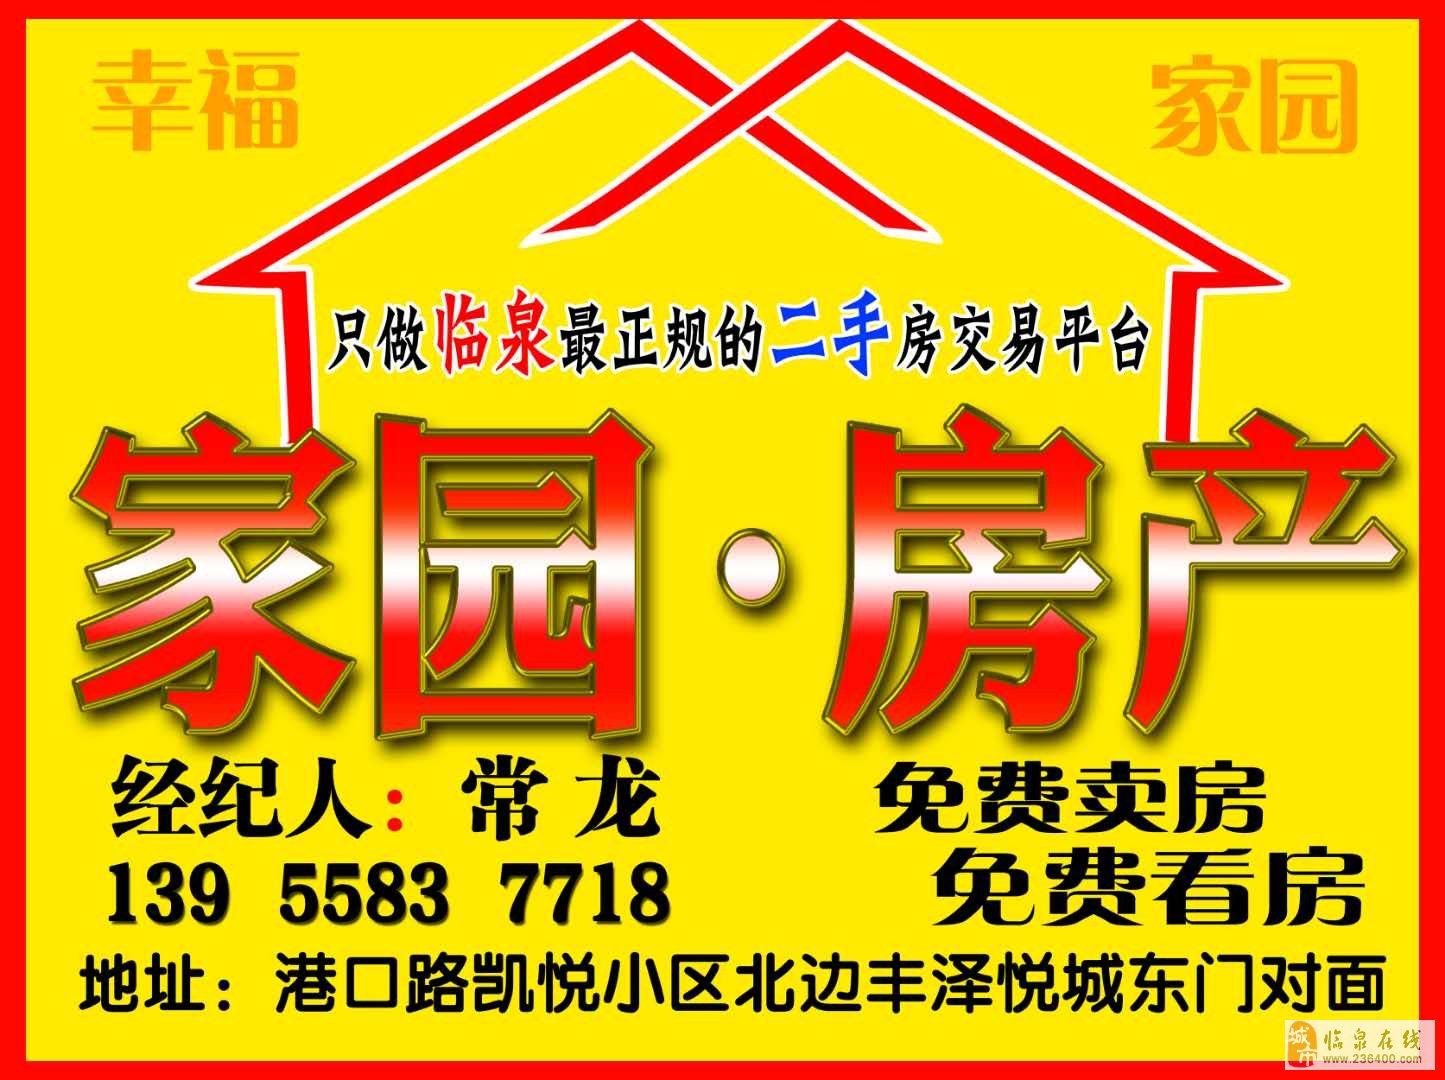 大常庄新村1楼独门独院分证3室2厅1卫45万元